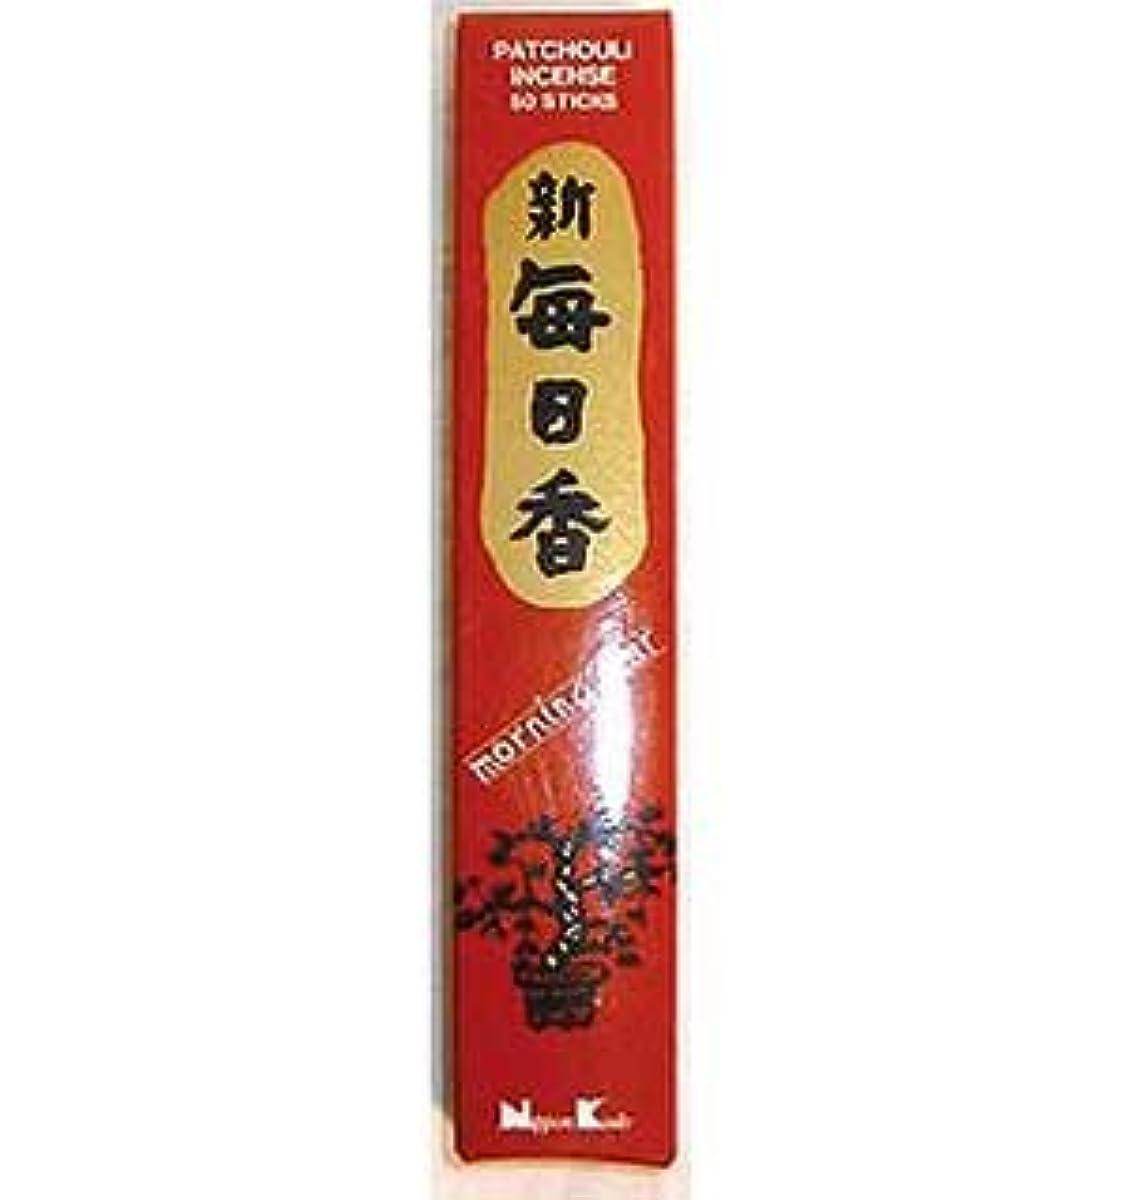 ファイバカーペットベンチャーパチュリMorning Star Stick Incense &ホルダー50パック